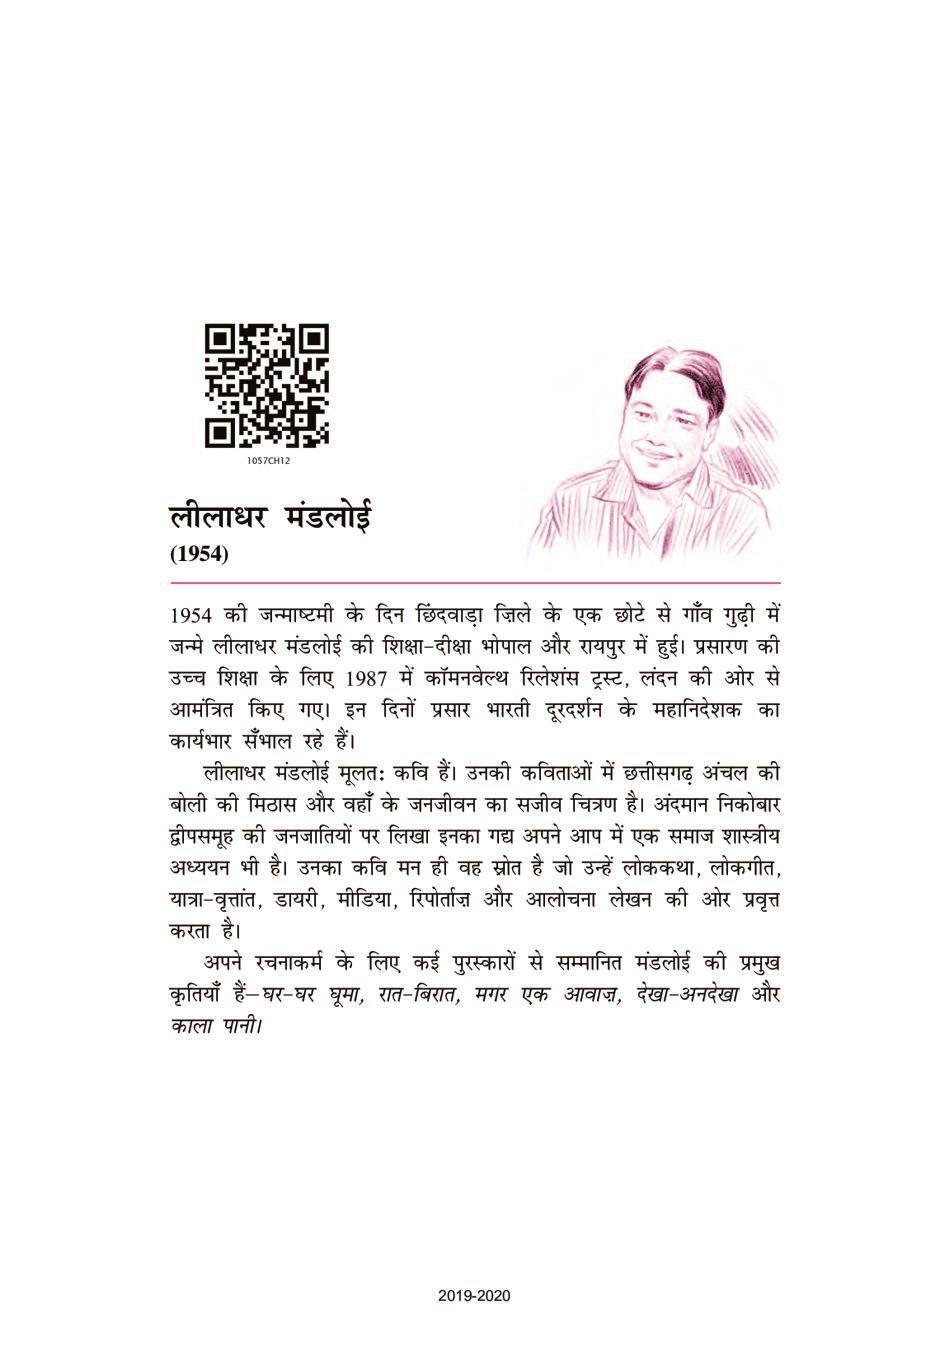 NCERT Book Class 10 Hindi (स्पर्श) Chapter 12 तताँरा – वामीरो कथा - Page 1